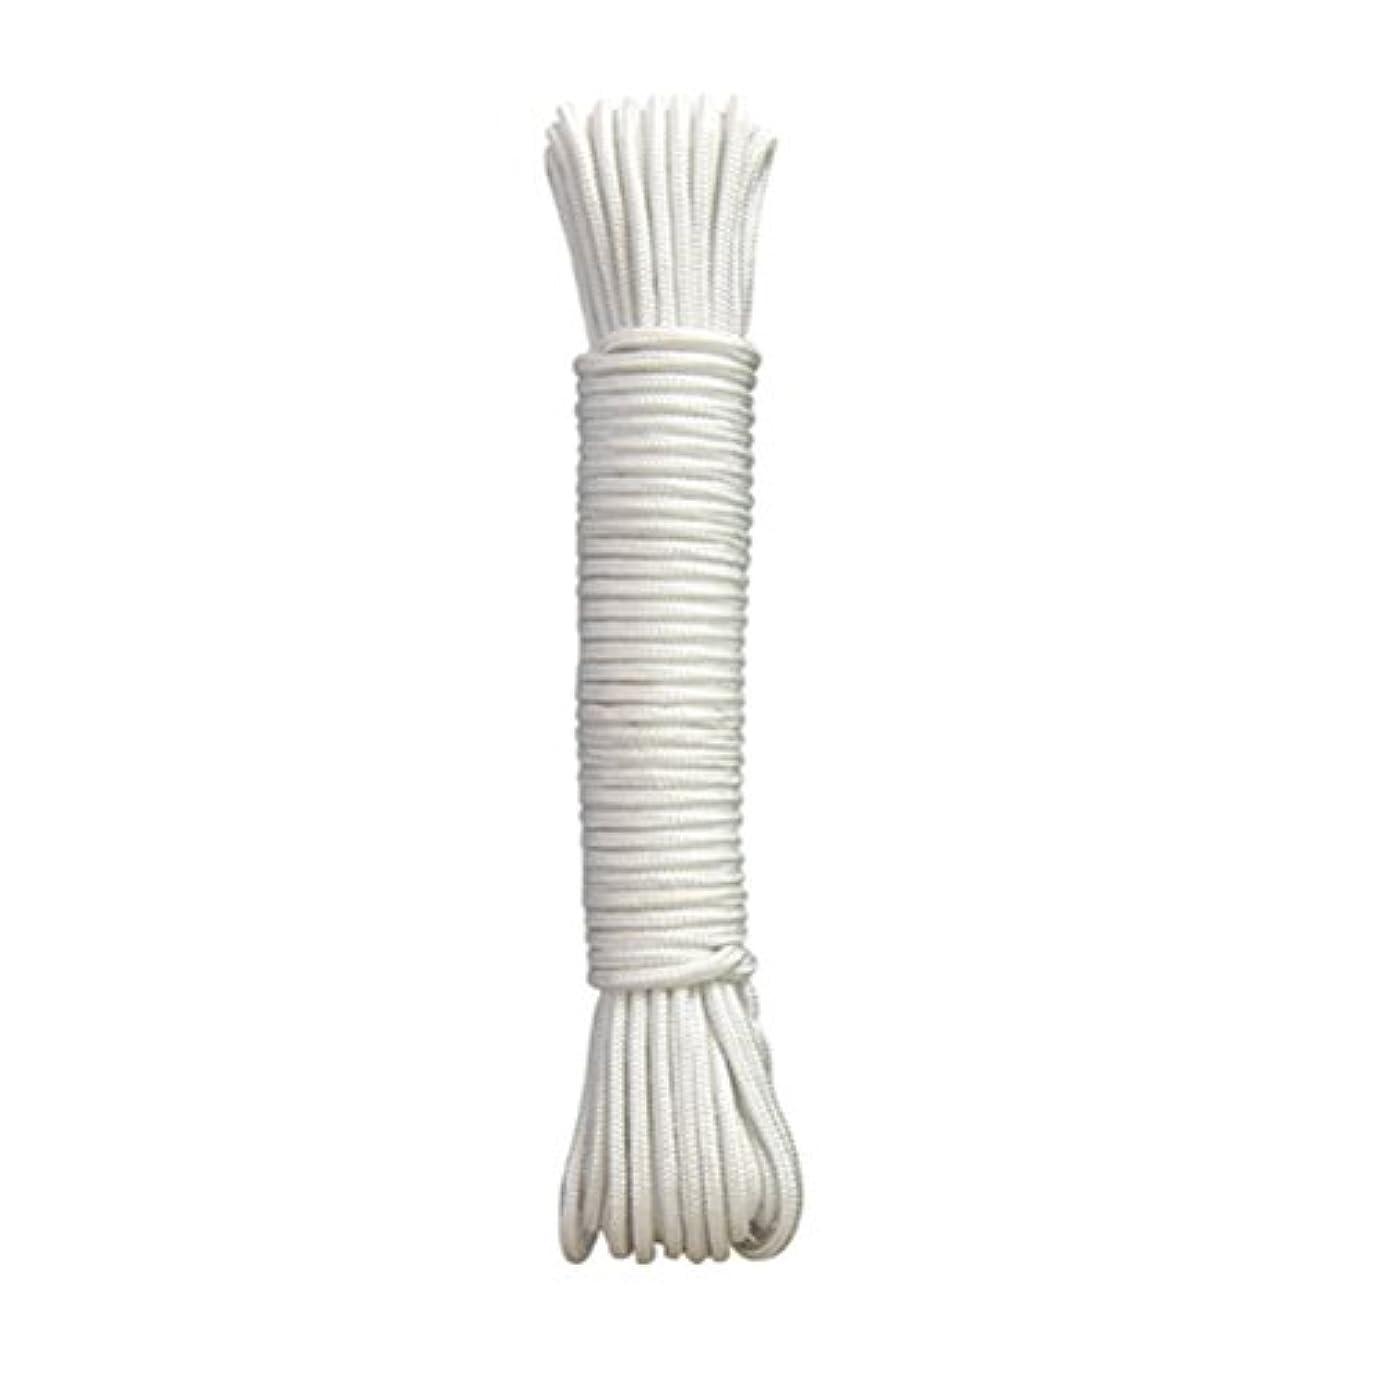 お誕生日壊滅的な発表するWINOMO ナイロンロープ パラコード テントロープ 洗濯ロープ 6mm 50m キャンプ アウトドア用 多用途ロープ 白